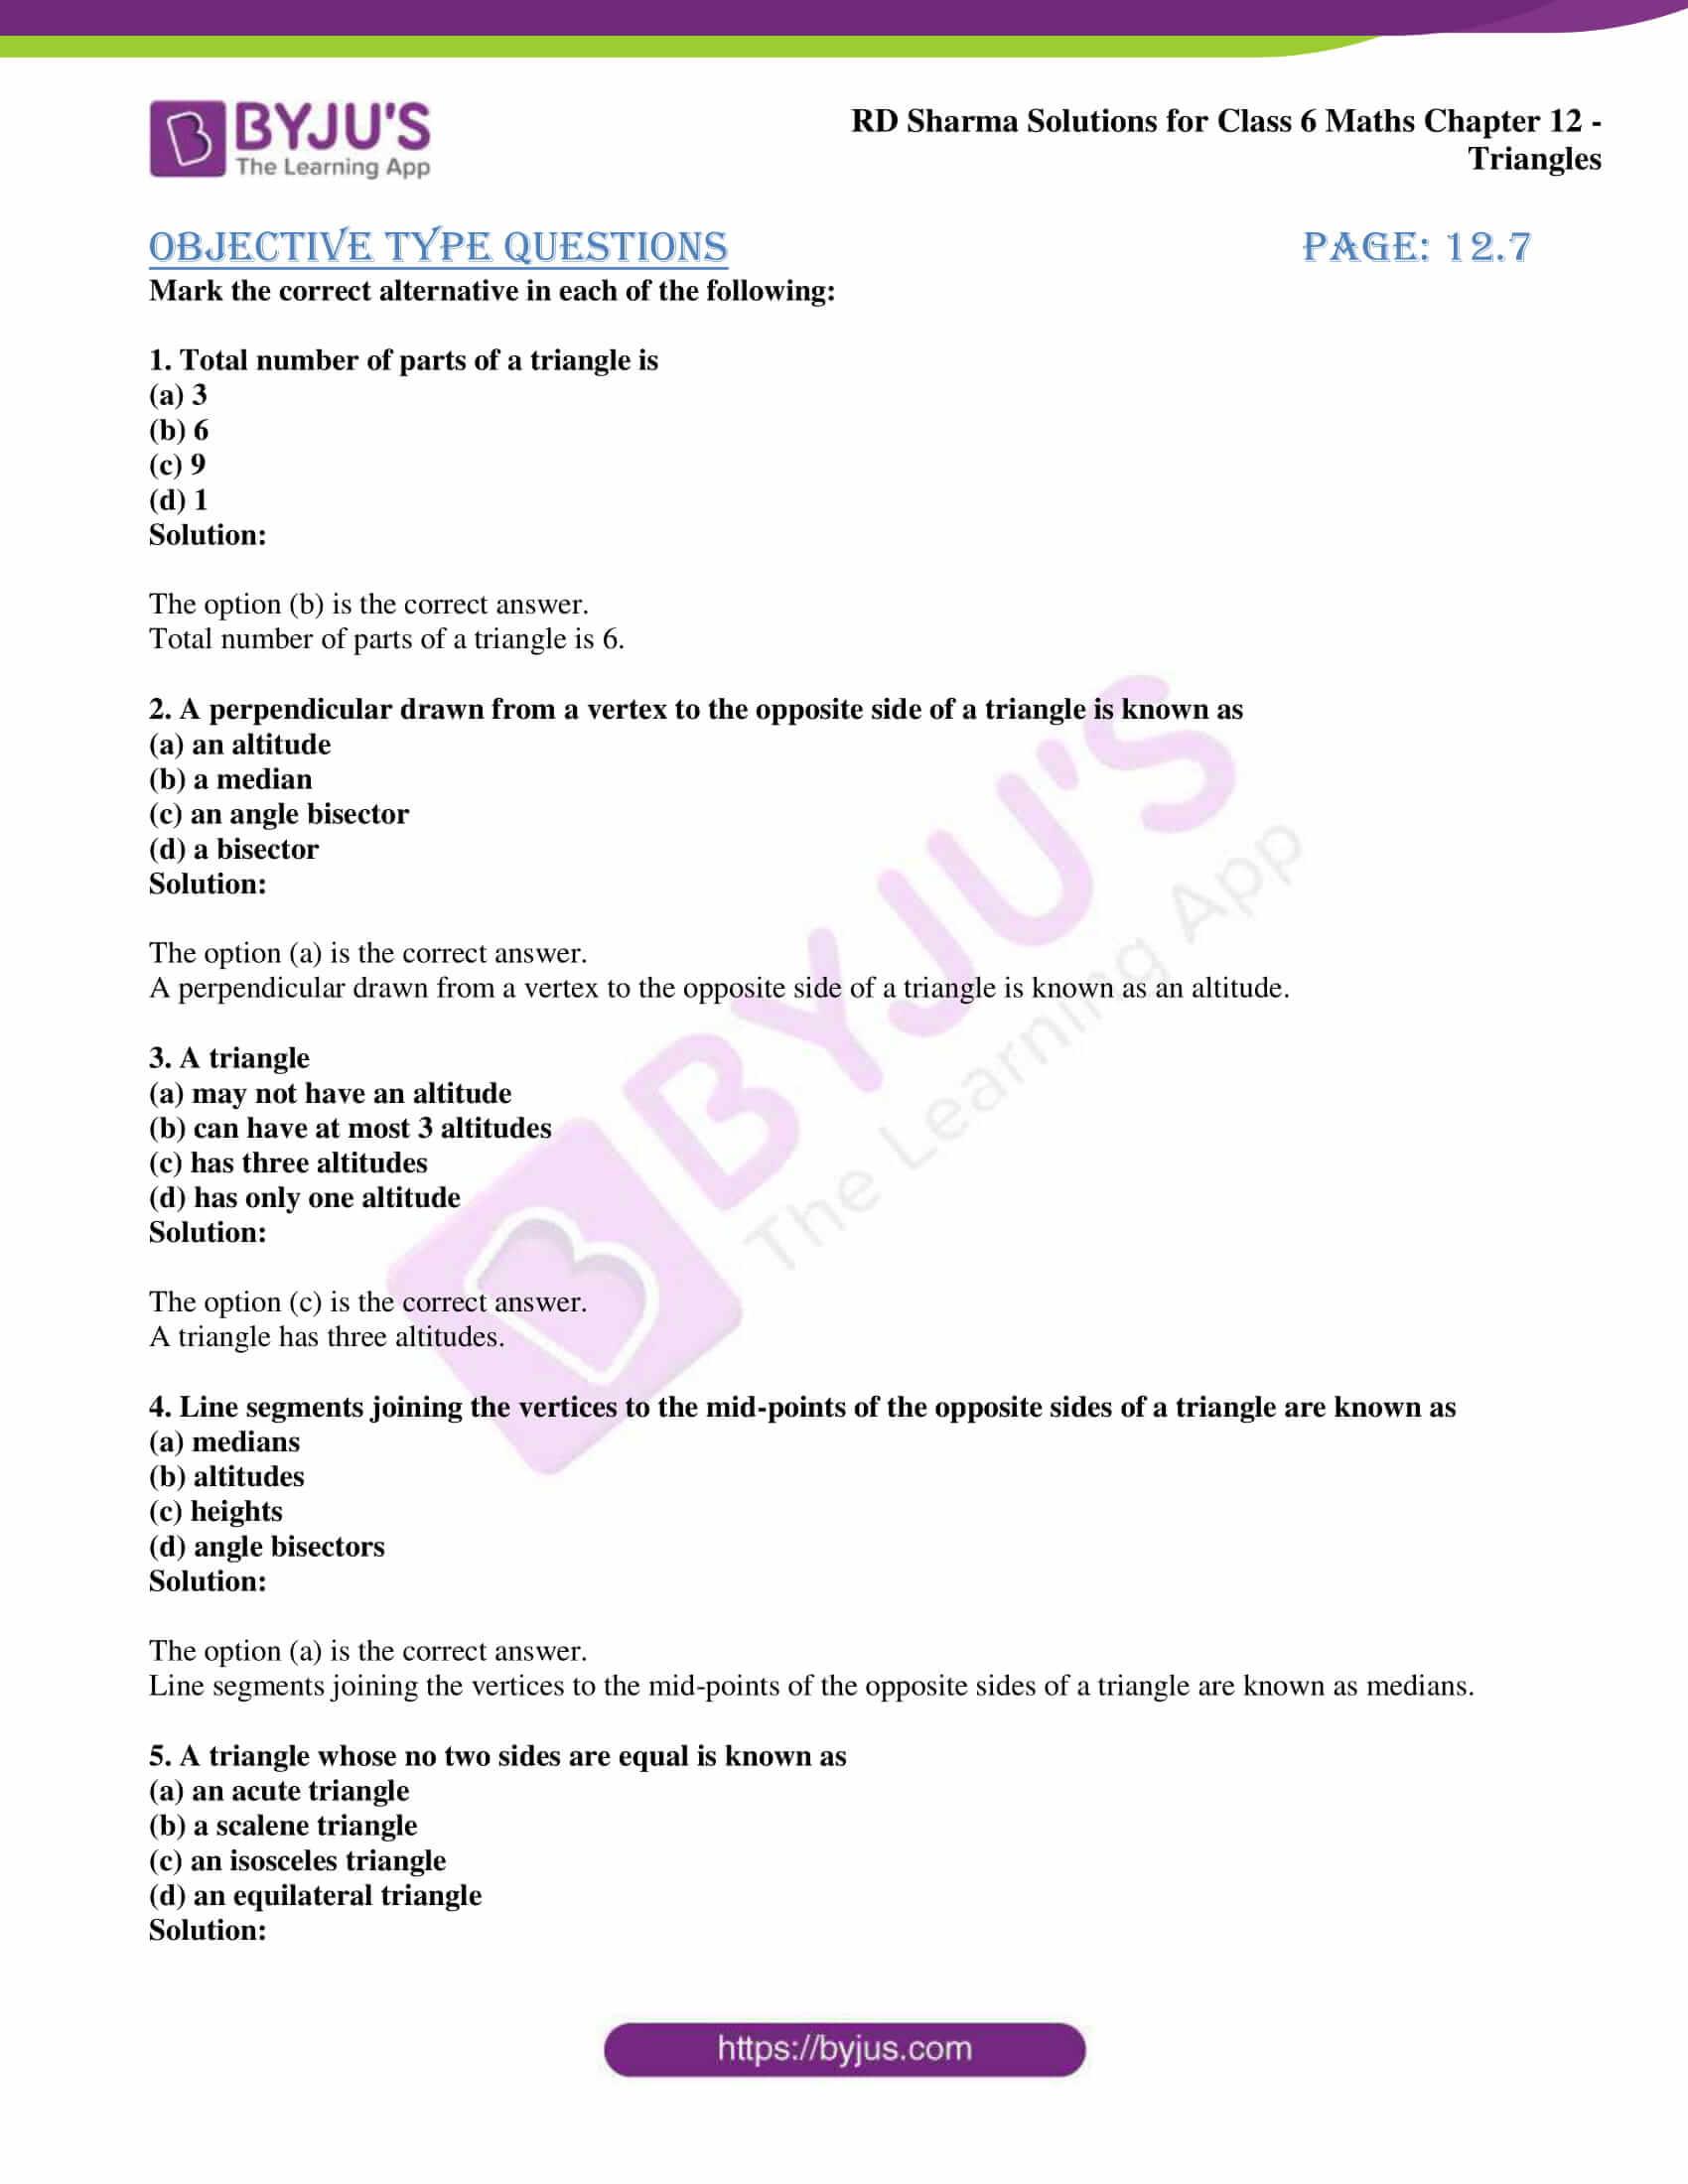 rd sharma class 6 maths solutions chapter 12 obj 1